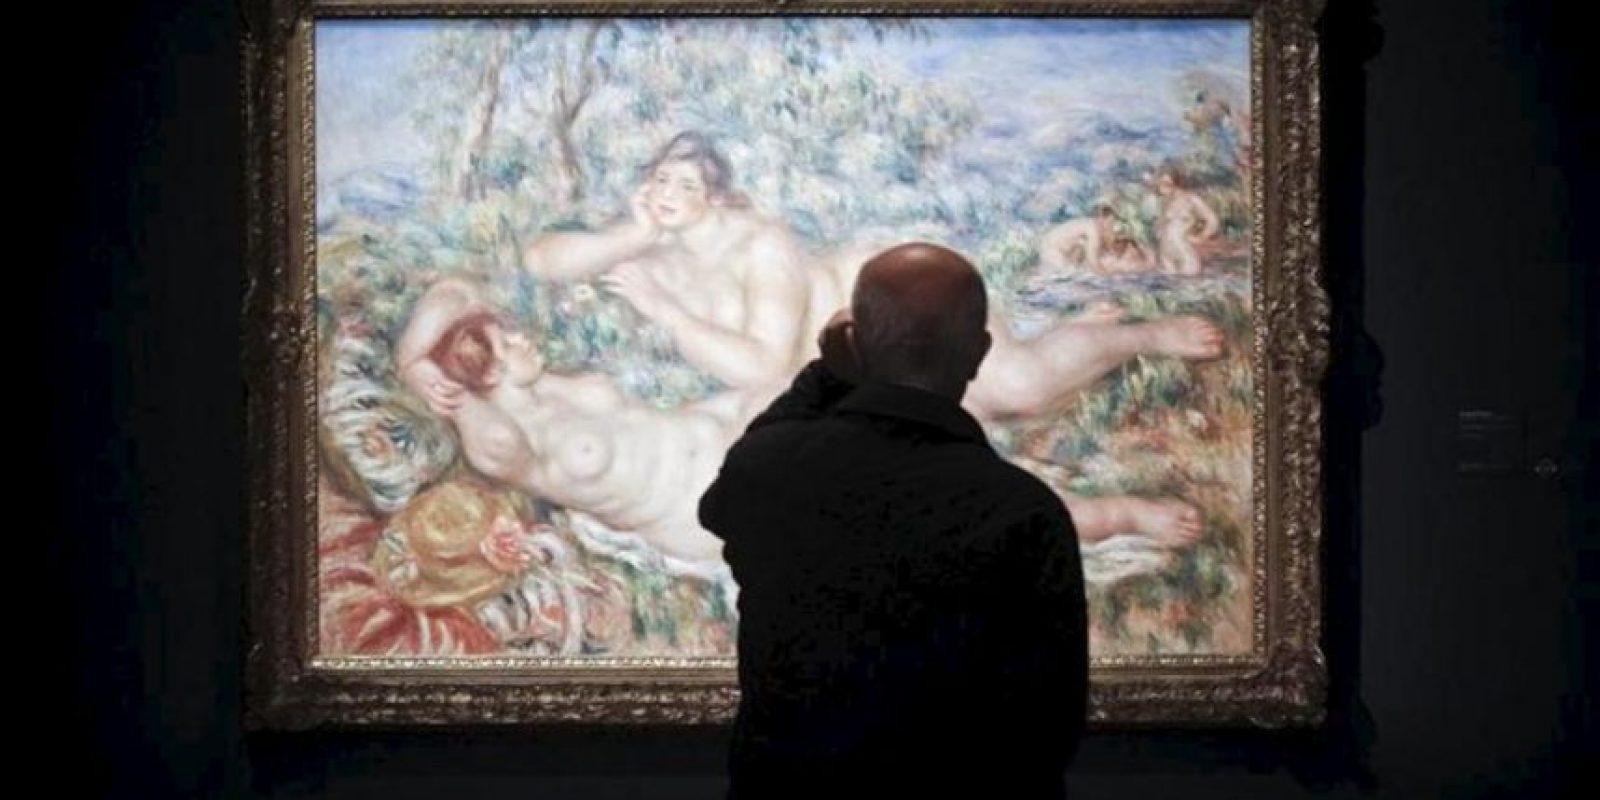 """Una hombre contempla la obra """"Las bañistas"""" (1918-1919) de Auguste Renoir, que forma parte de la muestra """"Impresionistas y postimpresionistas. El nacimiento del arte moderno. Obras maestras del Museo de Orsay"""", la exposición de mayor relieve de las organizadas por la Fundación Mapre. EFE"""